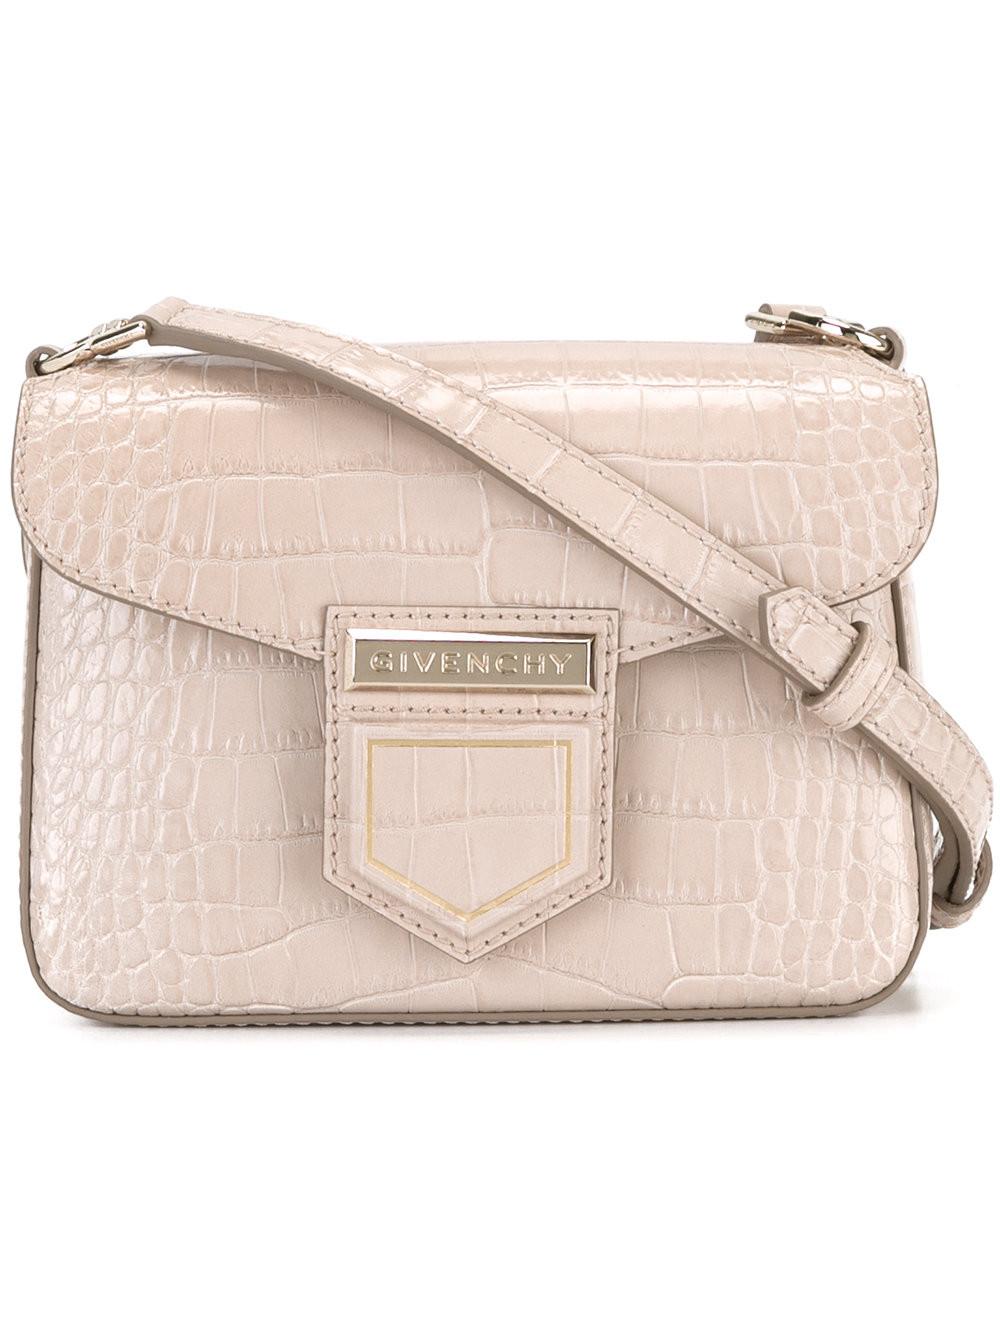 Givenchy Leathers crocodile effect 'Nobile' shoulder bag